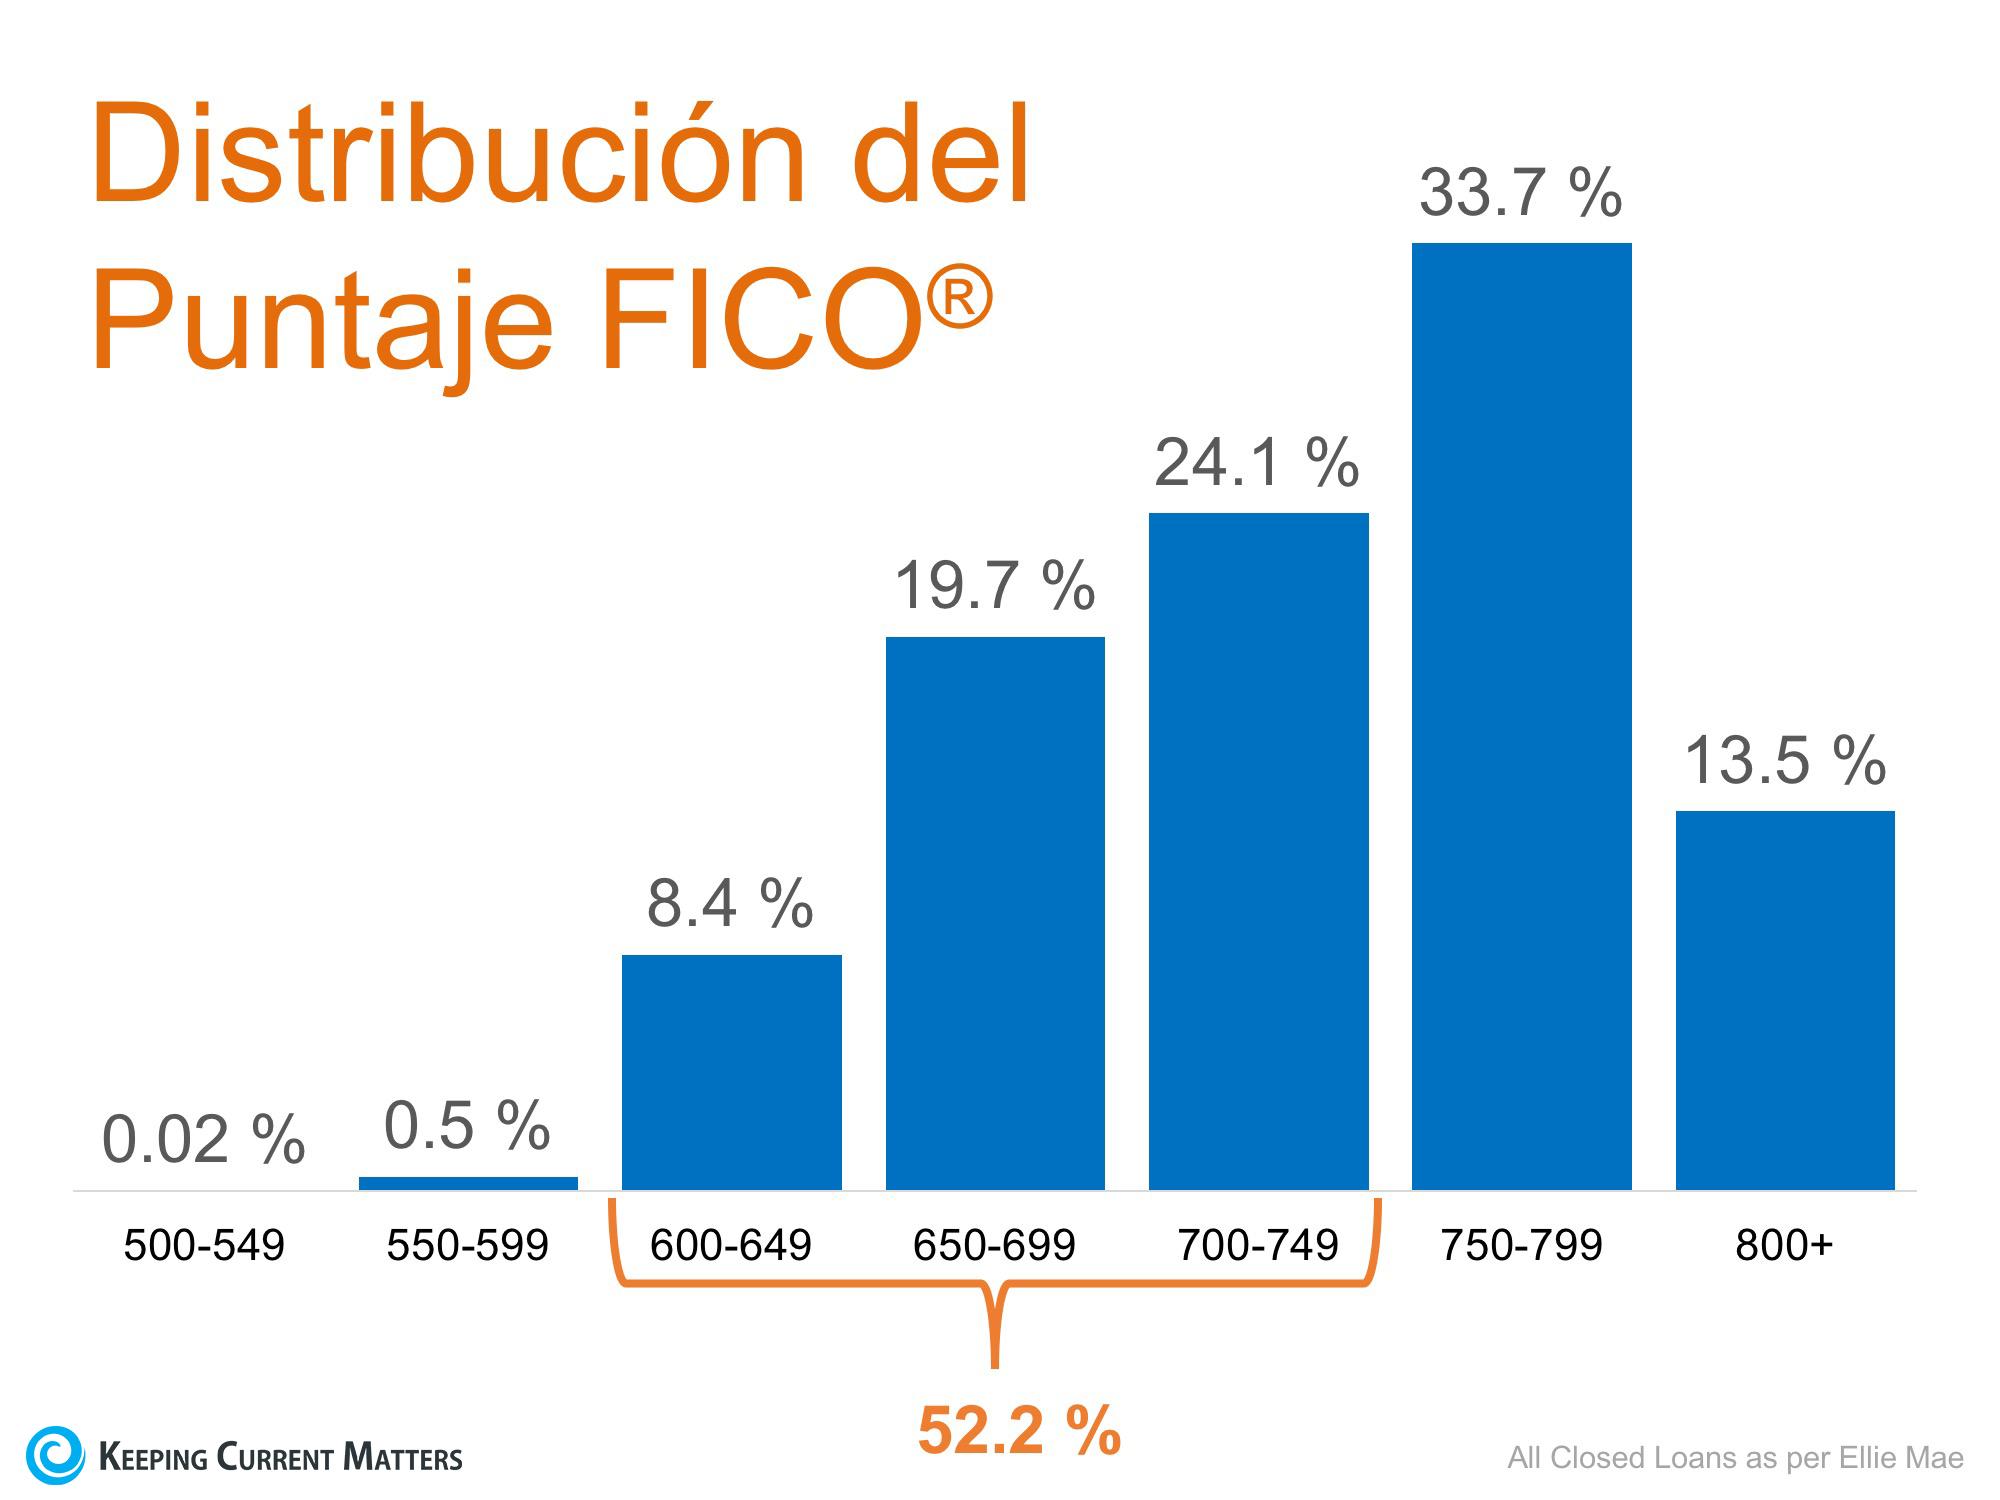 No se descalifique usted mismo… 52 % de los prestamos aprobados tienen un puntaje FICO® por debajo de 750 | Keeping Current Matters